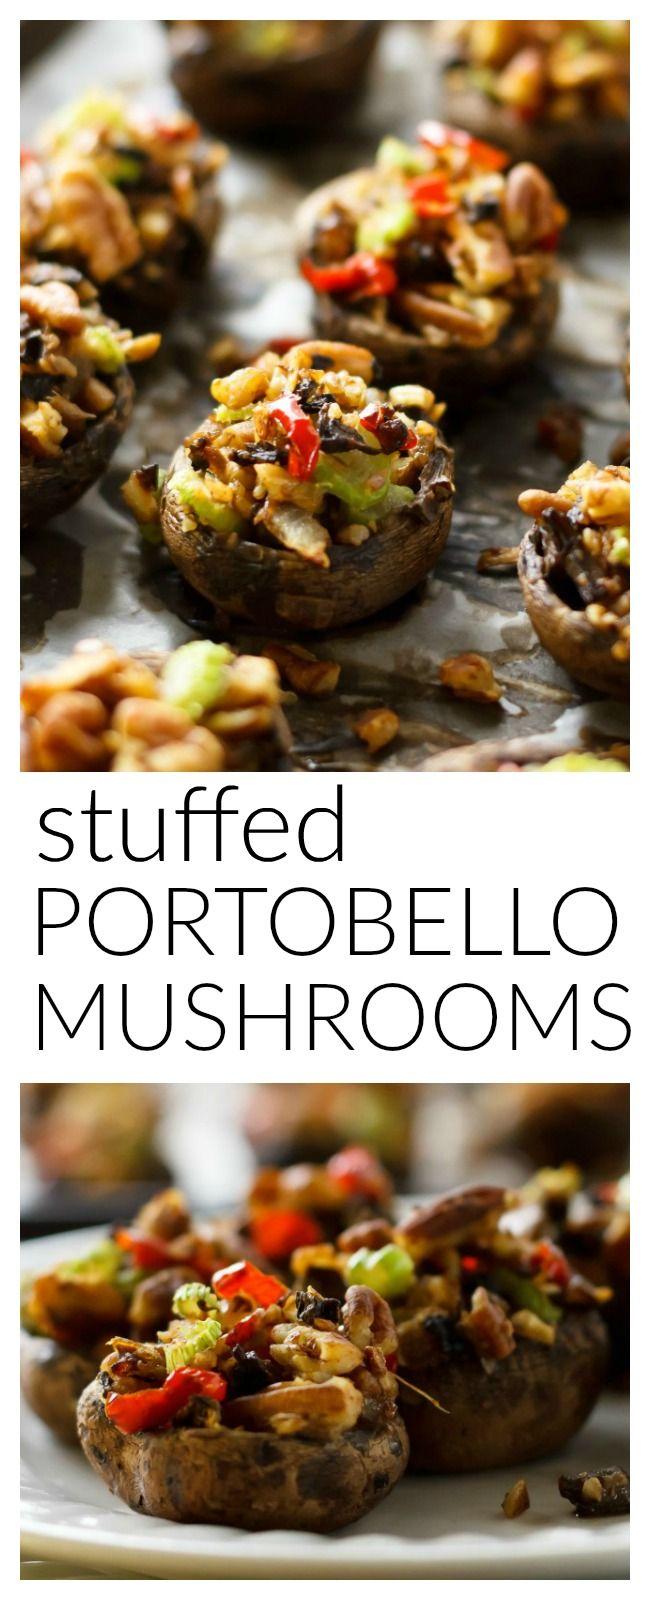 Vegan Stuffed Mushrooms   big flavor, simple ingredients   #vegan #cleaneating #glutenfree   eat healthy eat happy